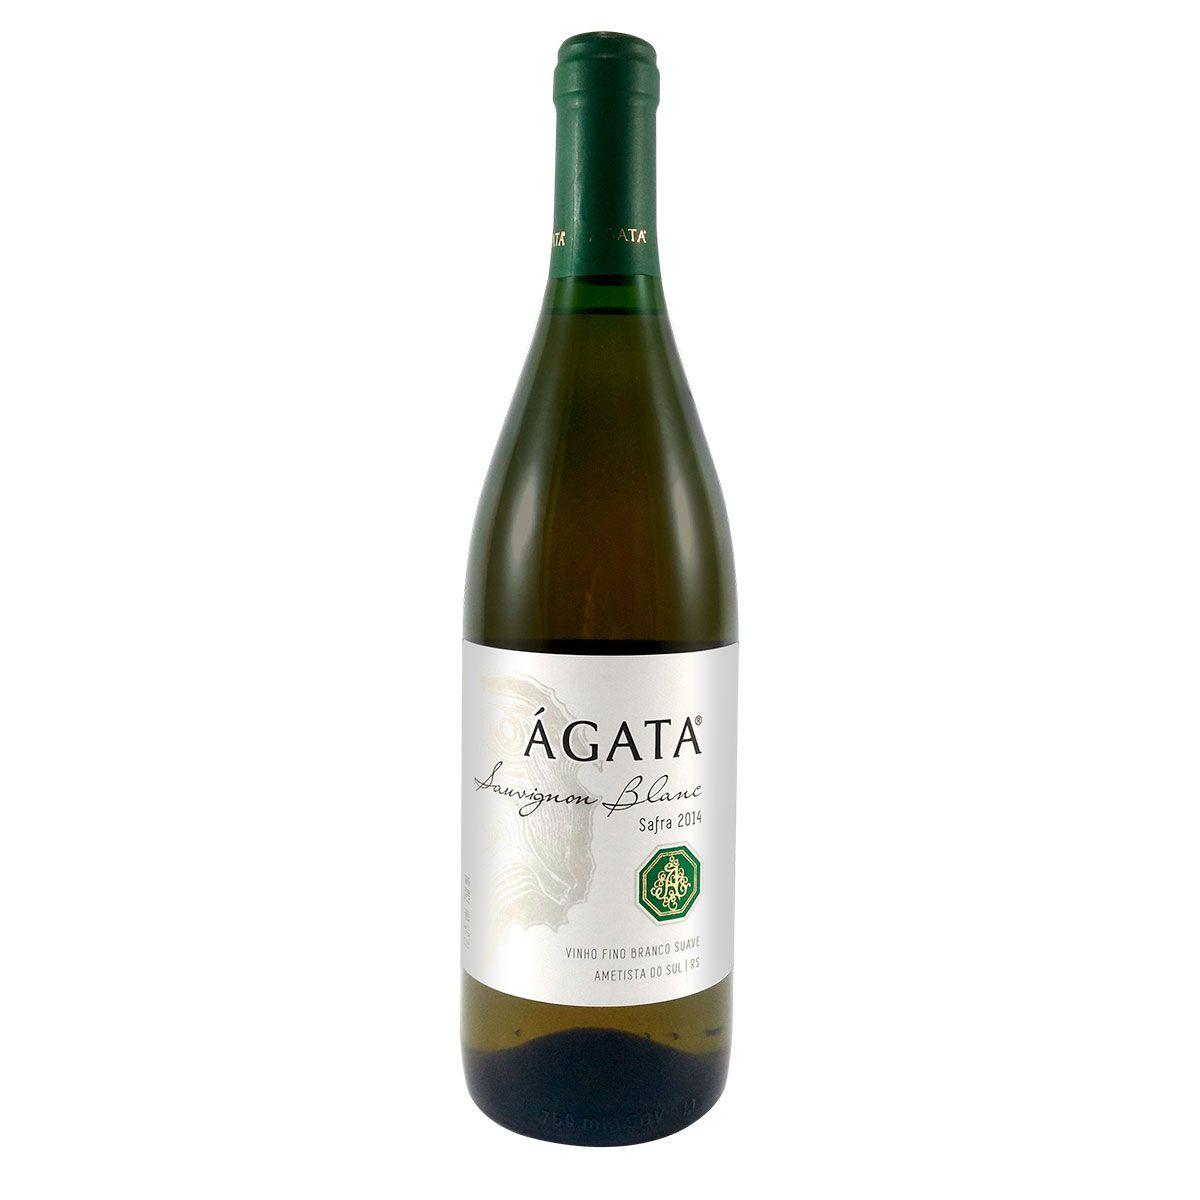 Vinho Fino Branco Suave Ágata Sauvignon Blanc 2014 750ml